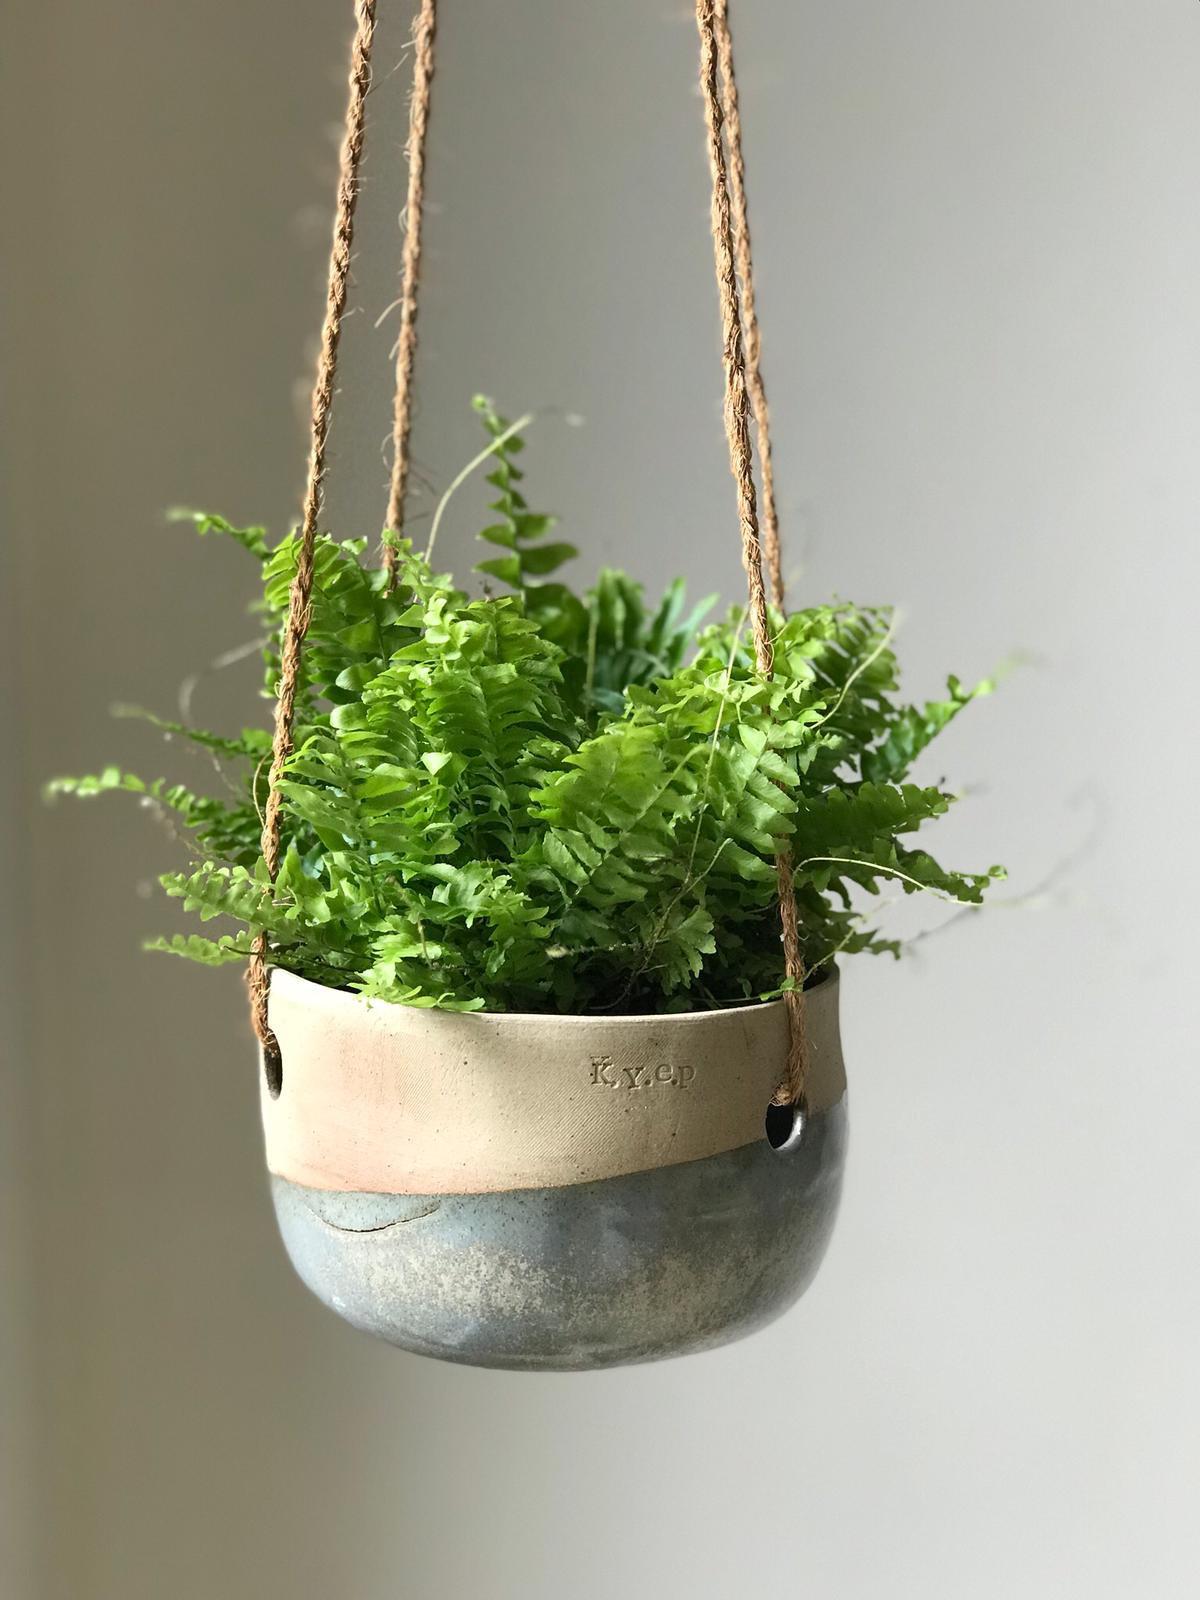 Coil a Hanging Planter Workshop